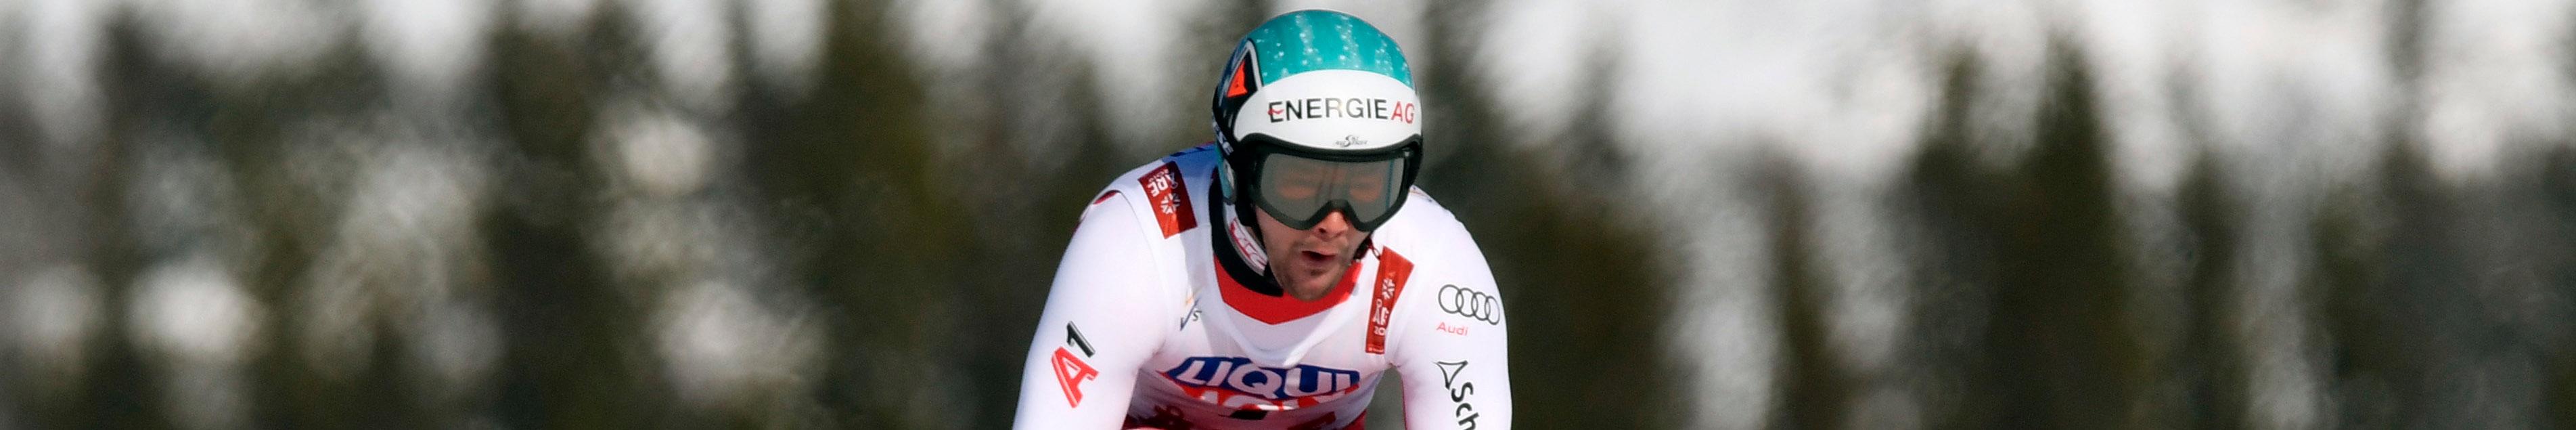 Ski-WM: In guter Form zum ersten Abfahrts-Gold seit 16 Jahren